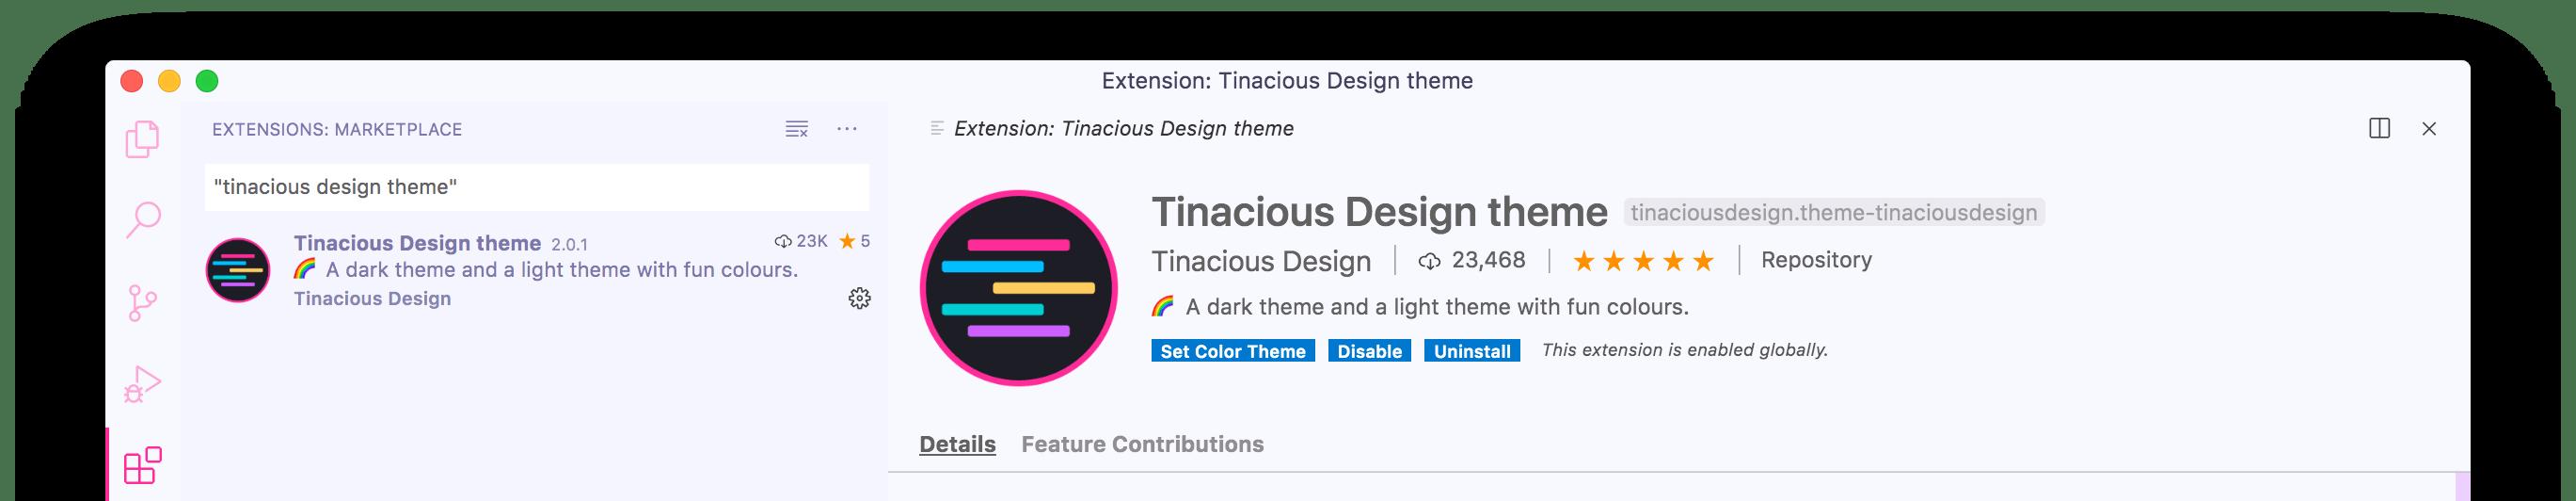 Tinacious Design Light theme